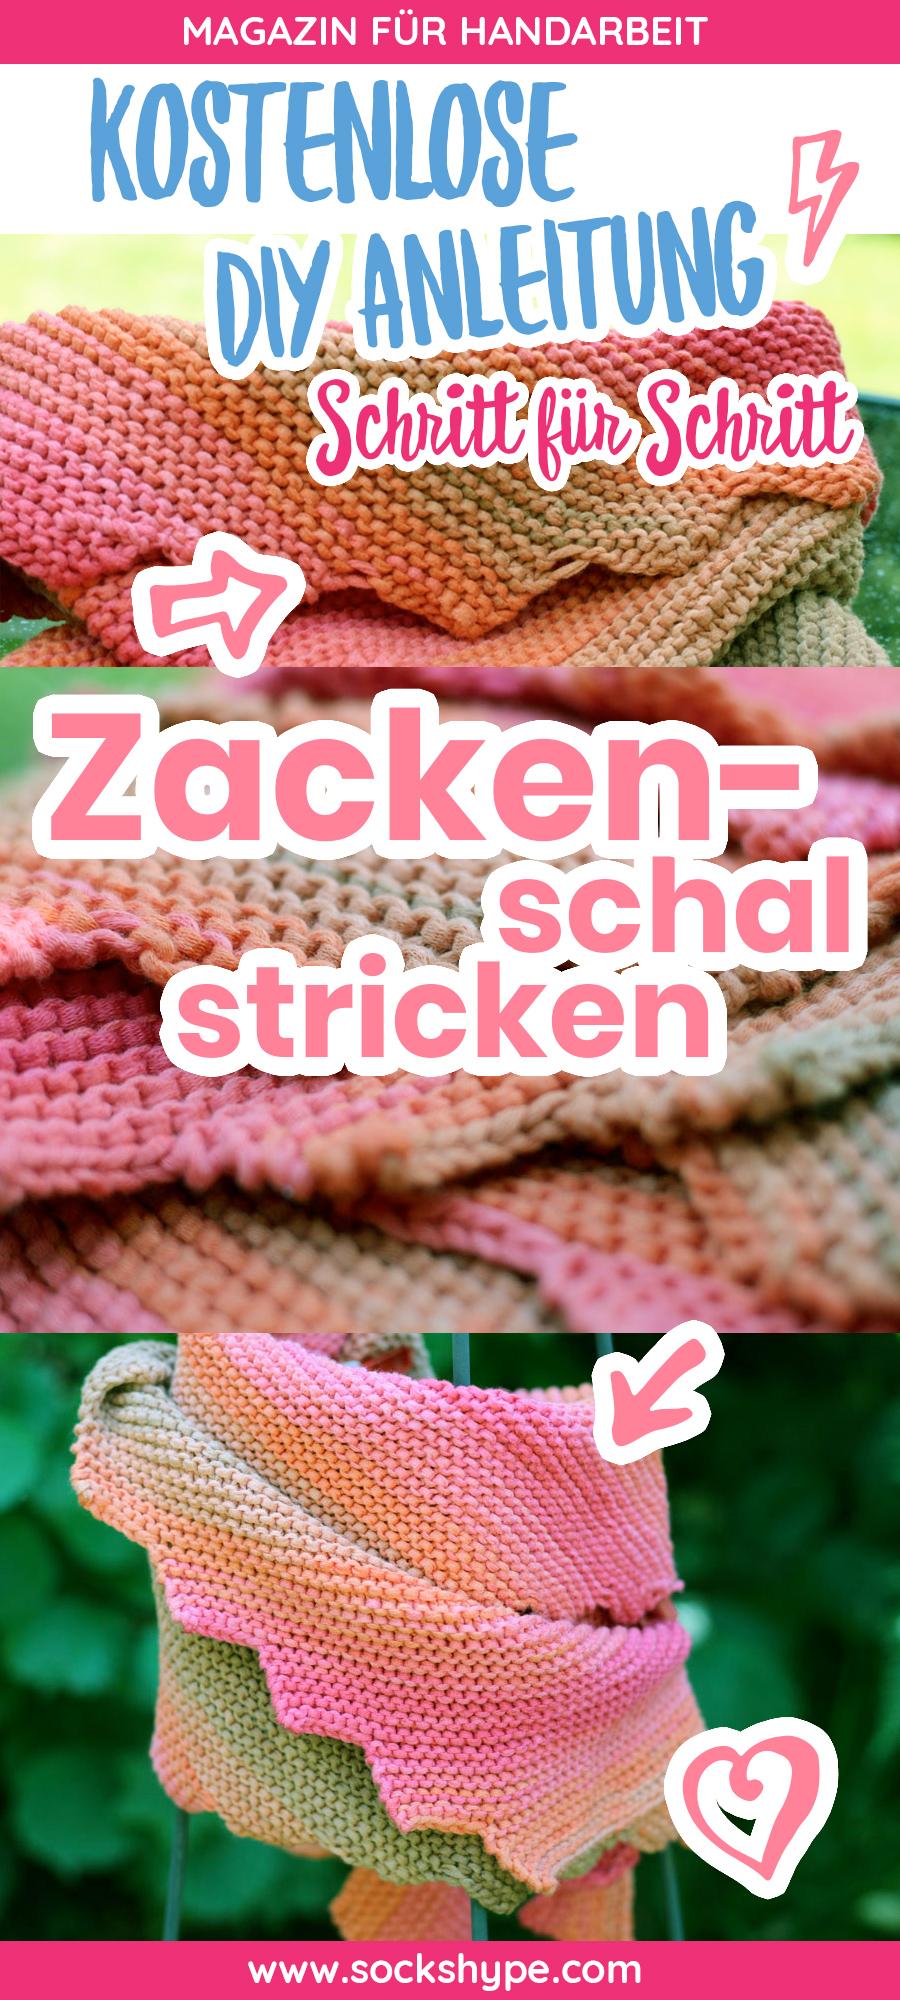 Zackenschal Stricken Aus Bändchengarn Sol Dégradé Von Lang Yarns